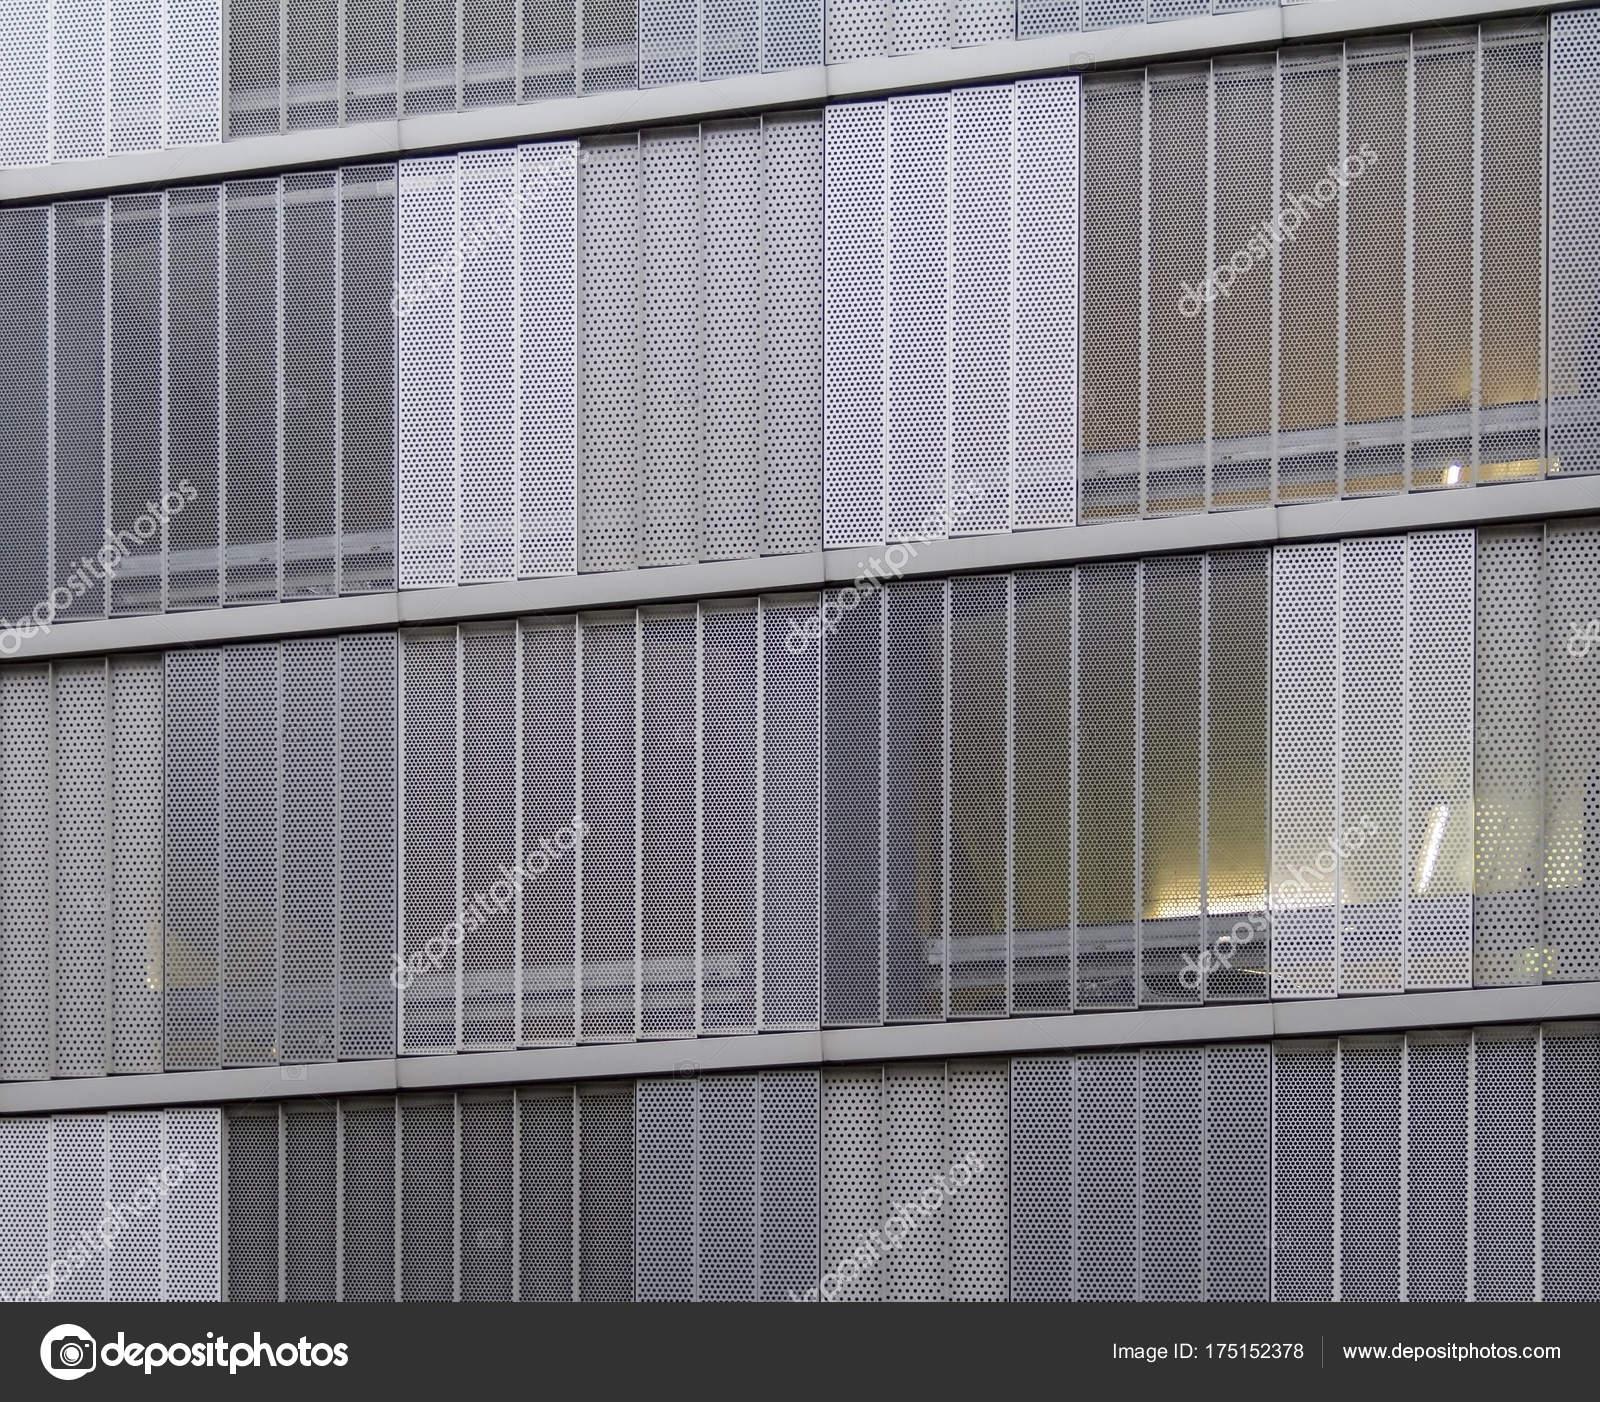 Inspirierend Fassade Mit Blech Verkleiden Sammlung Von Full-frame-detail Der Des Es Perforierten Metallplatten Verkleidet